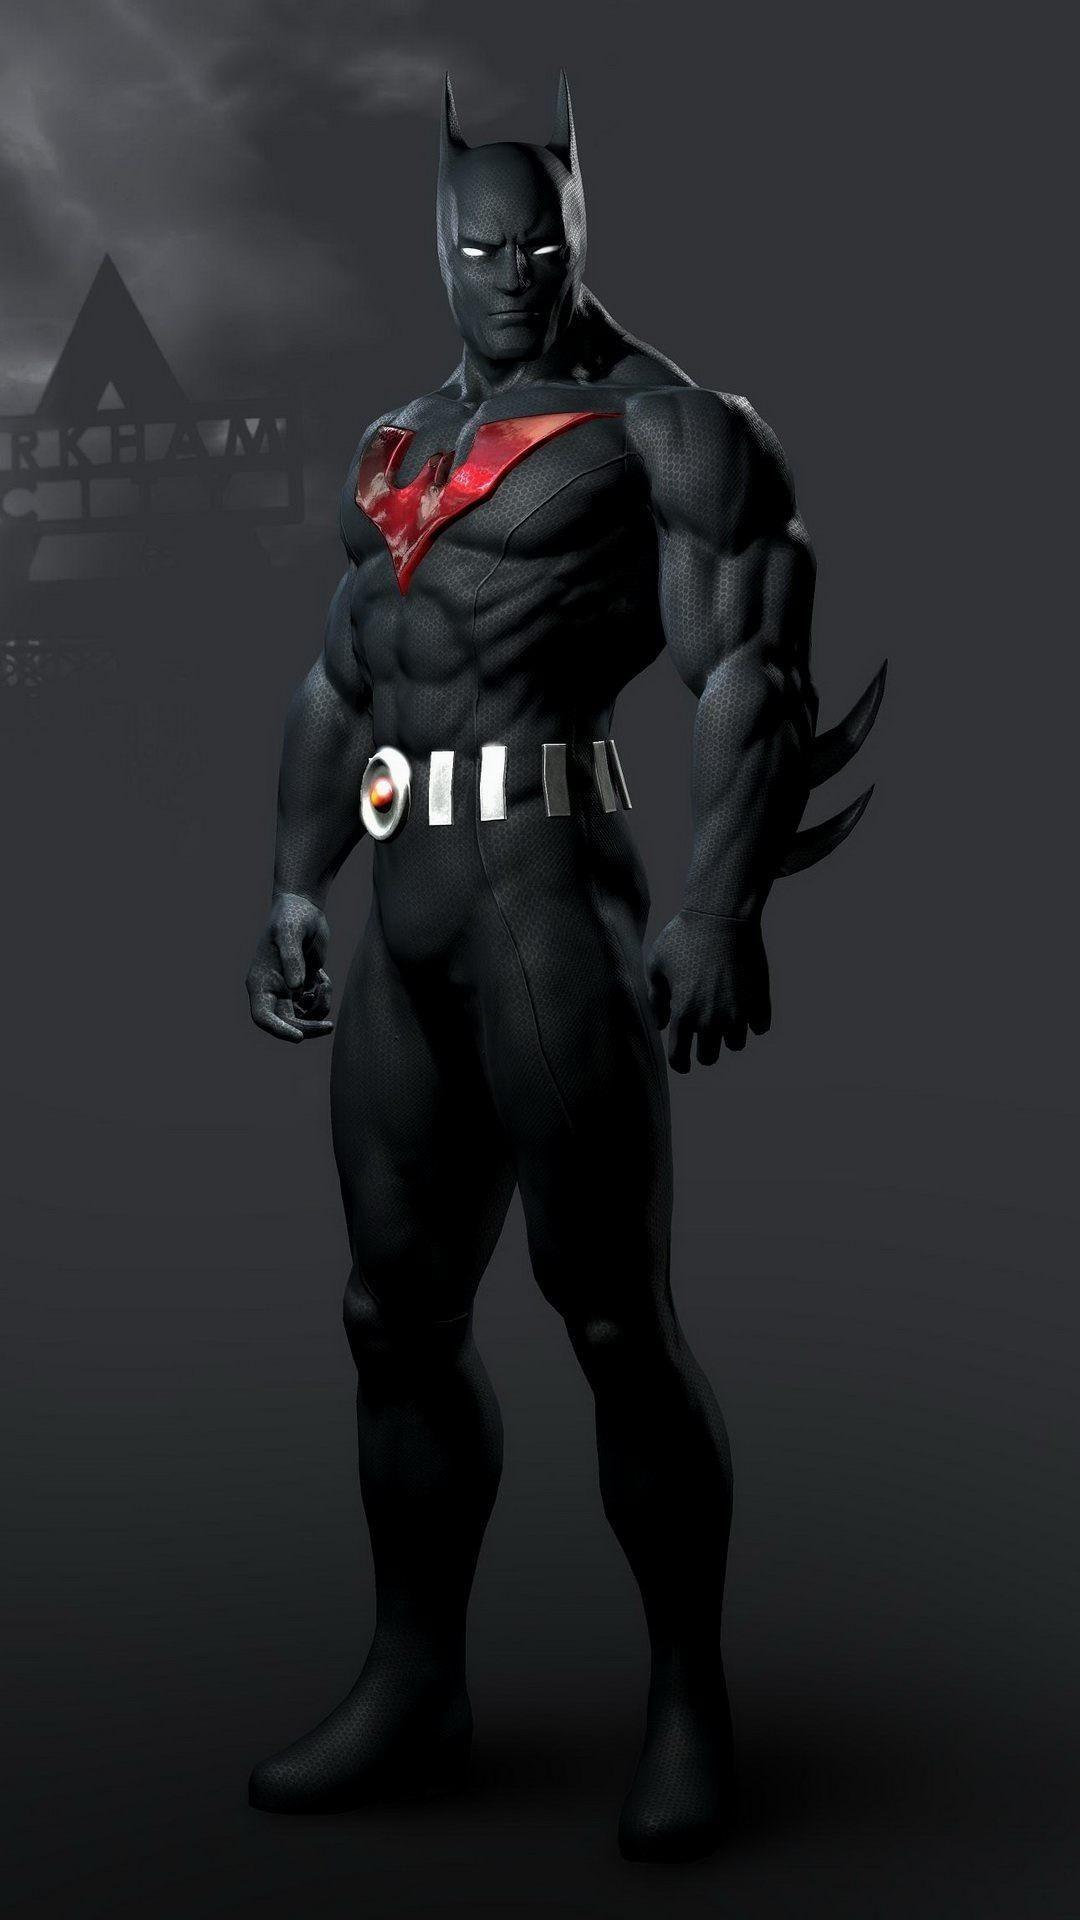 best batman pics hd